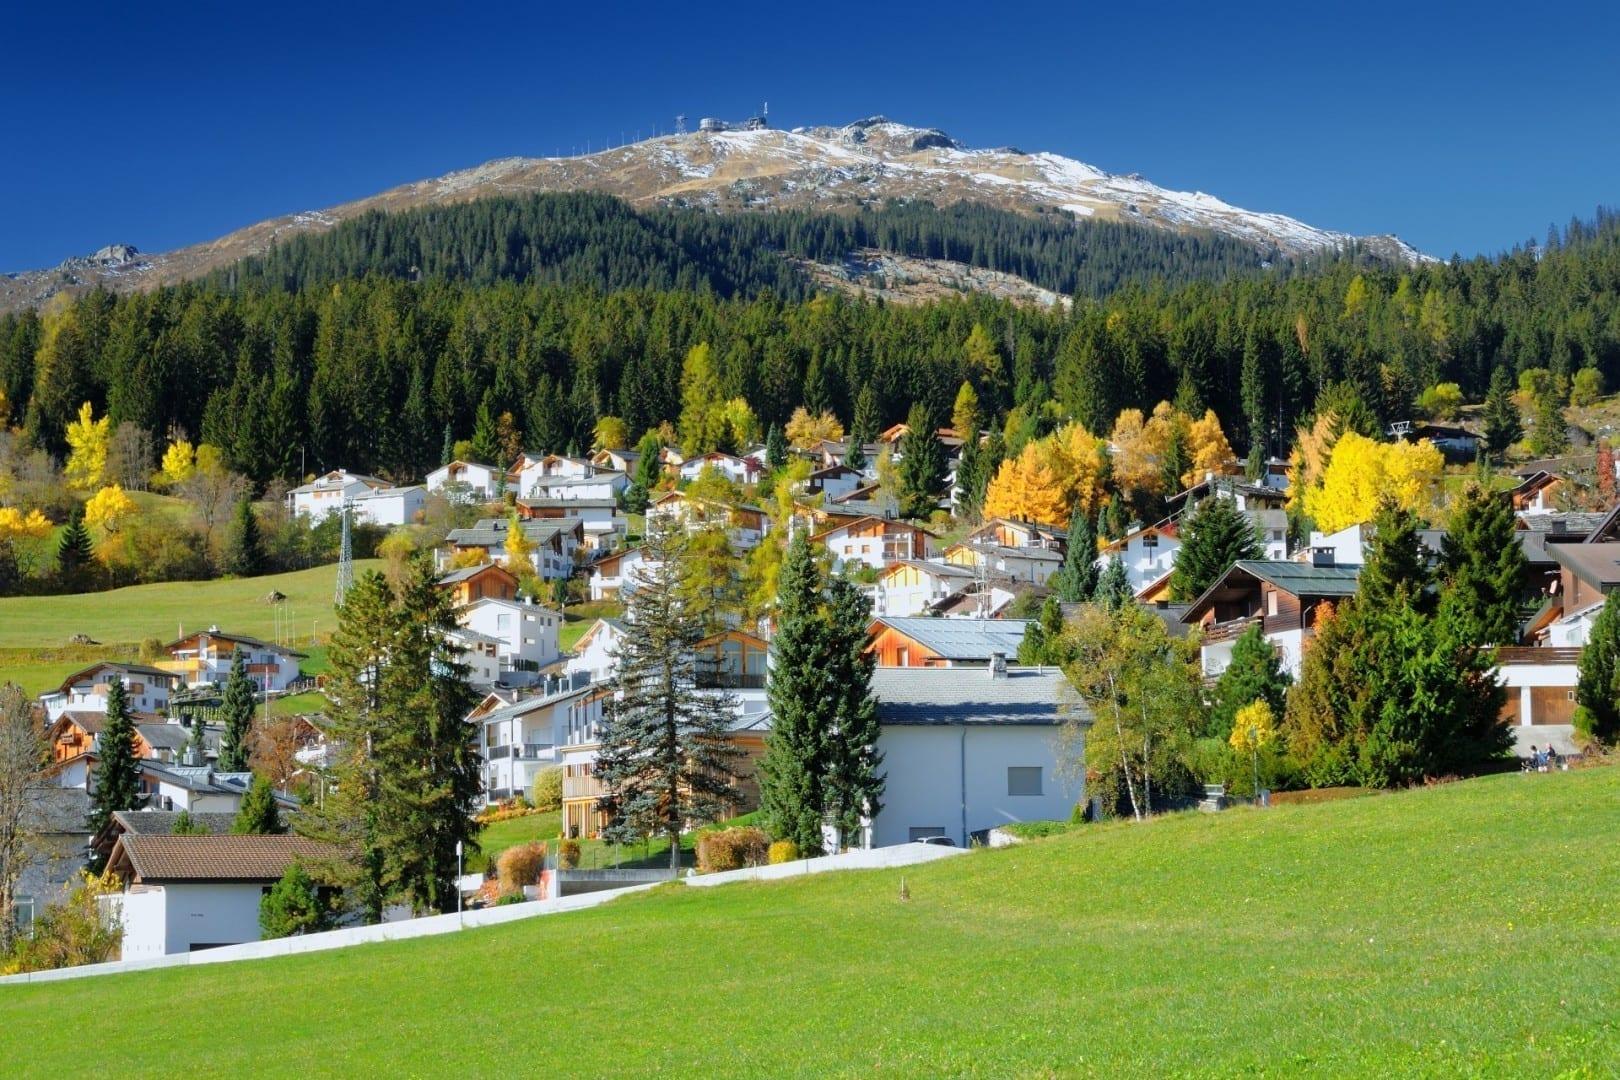 La montaña Crap Sogn Gion vista desde el pueblo de Flims Laax Suiza